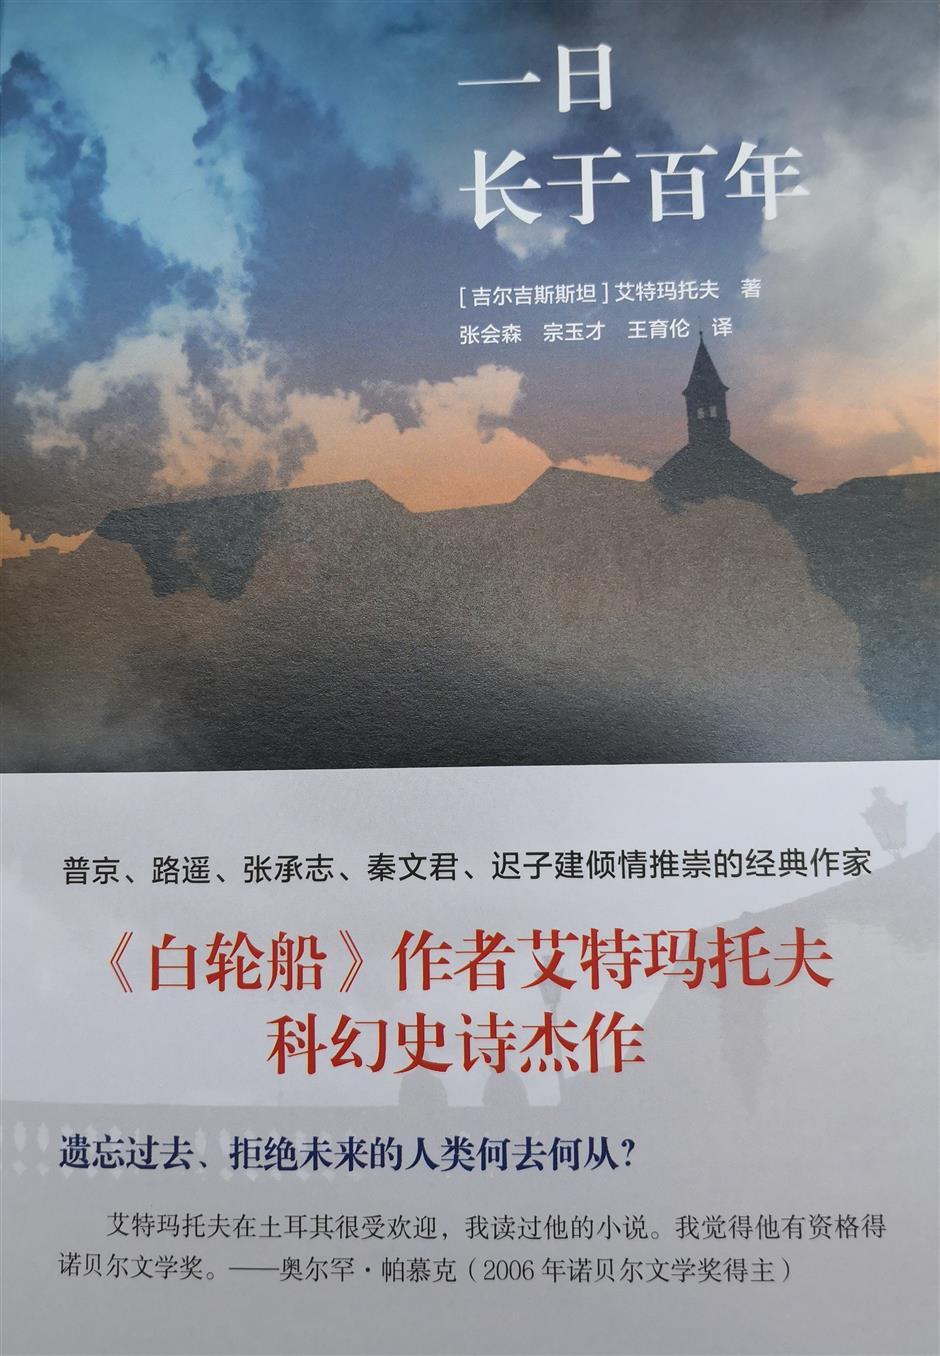 Novel of famousKyrgyz author republished